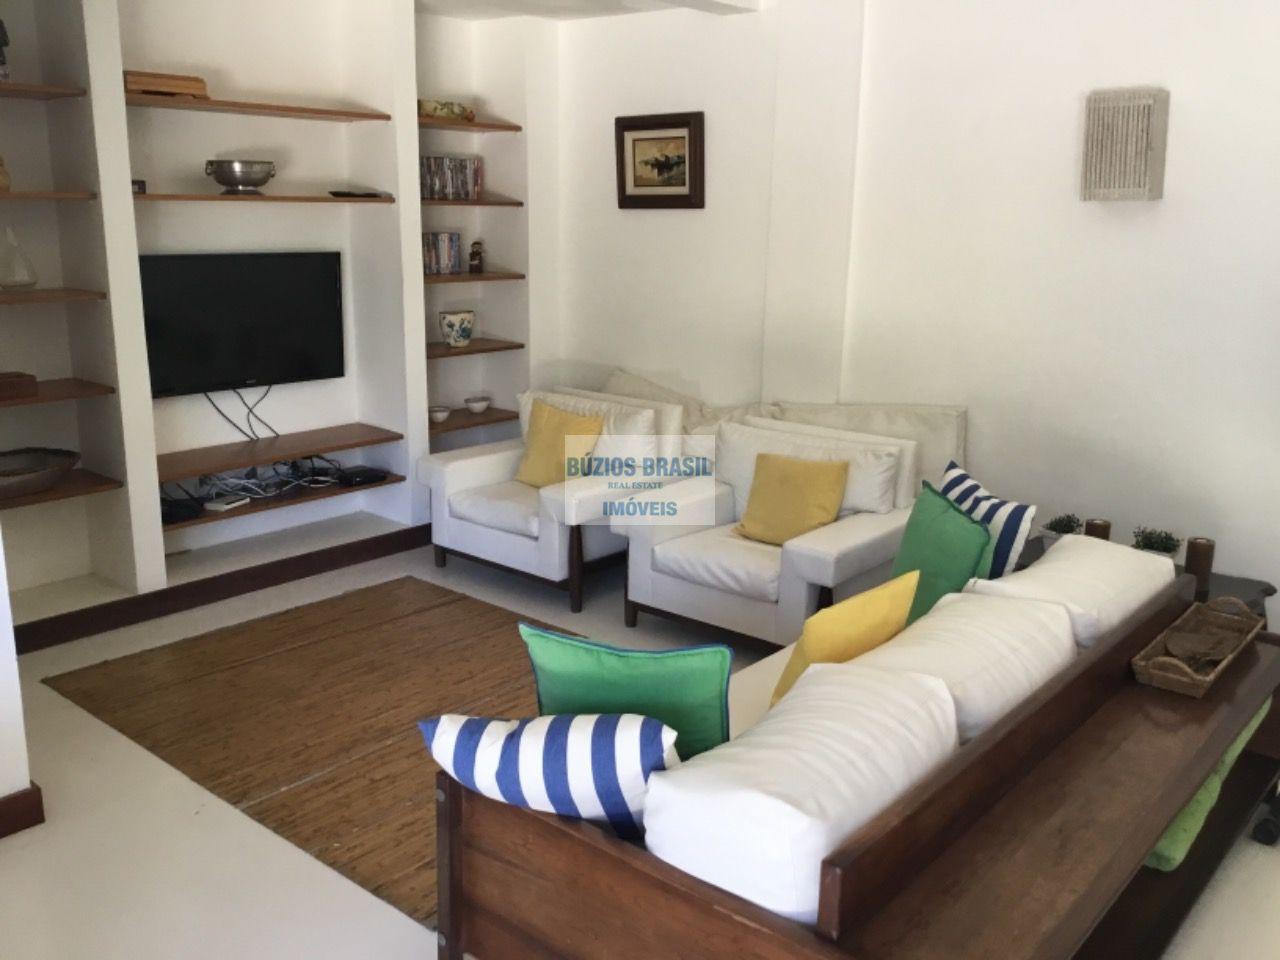 Casa 7 quartos para alugar Ferradura, Ferradura 70m Praia,Armação dos Búzios - LTFR1 - 38